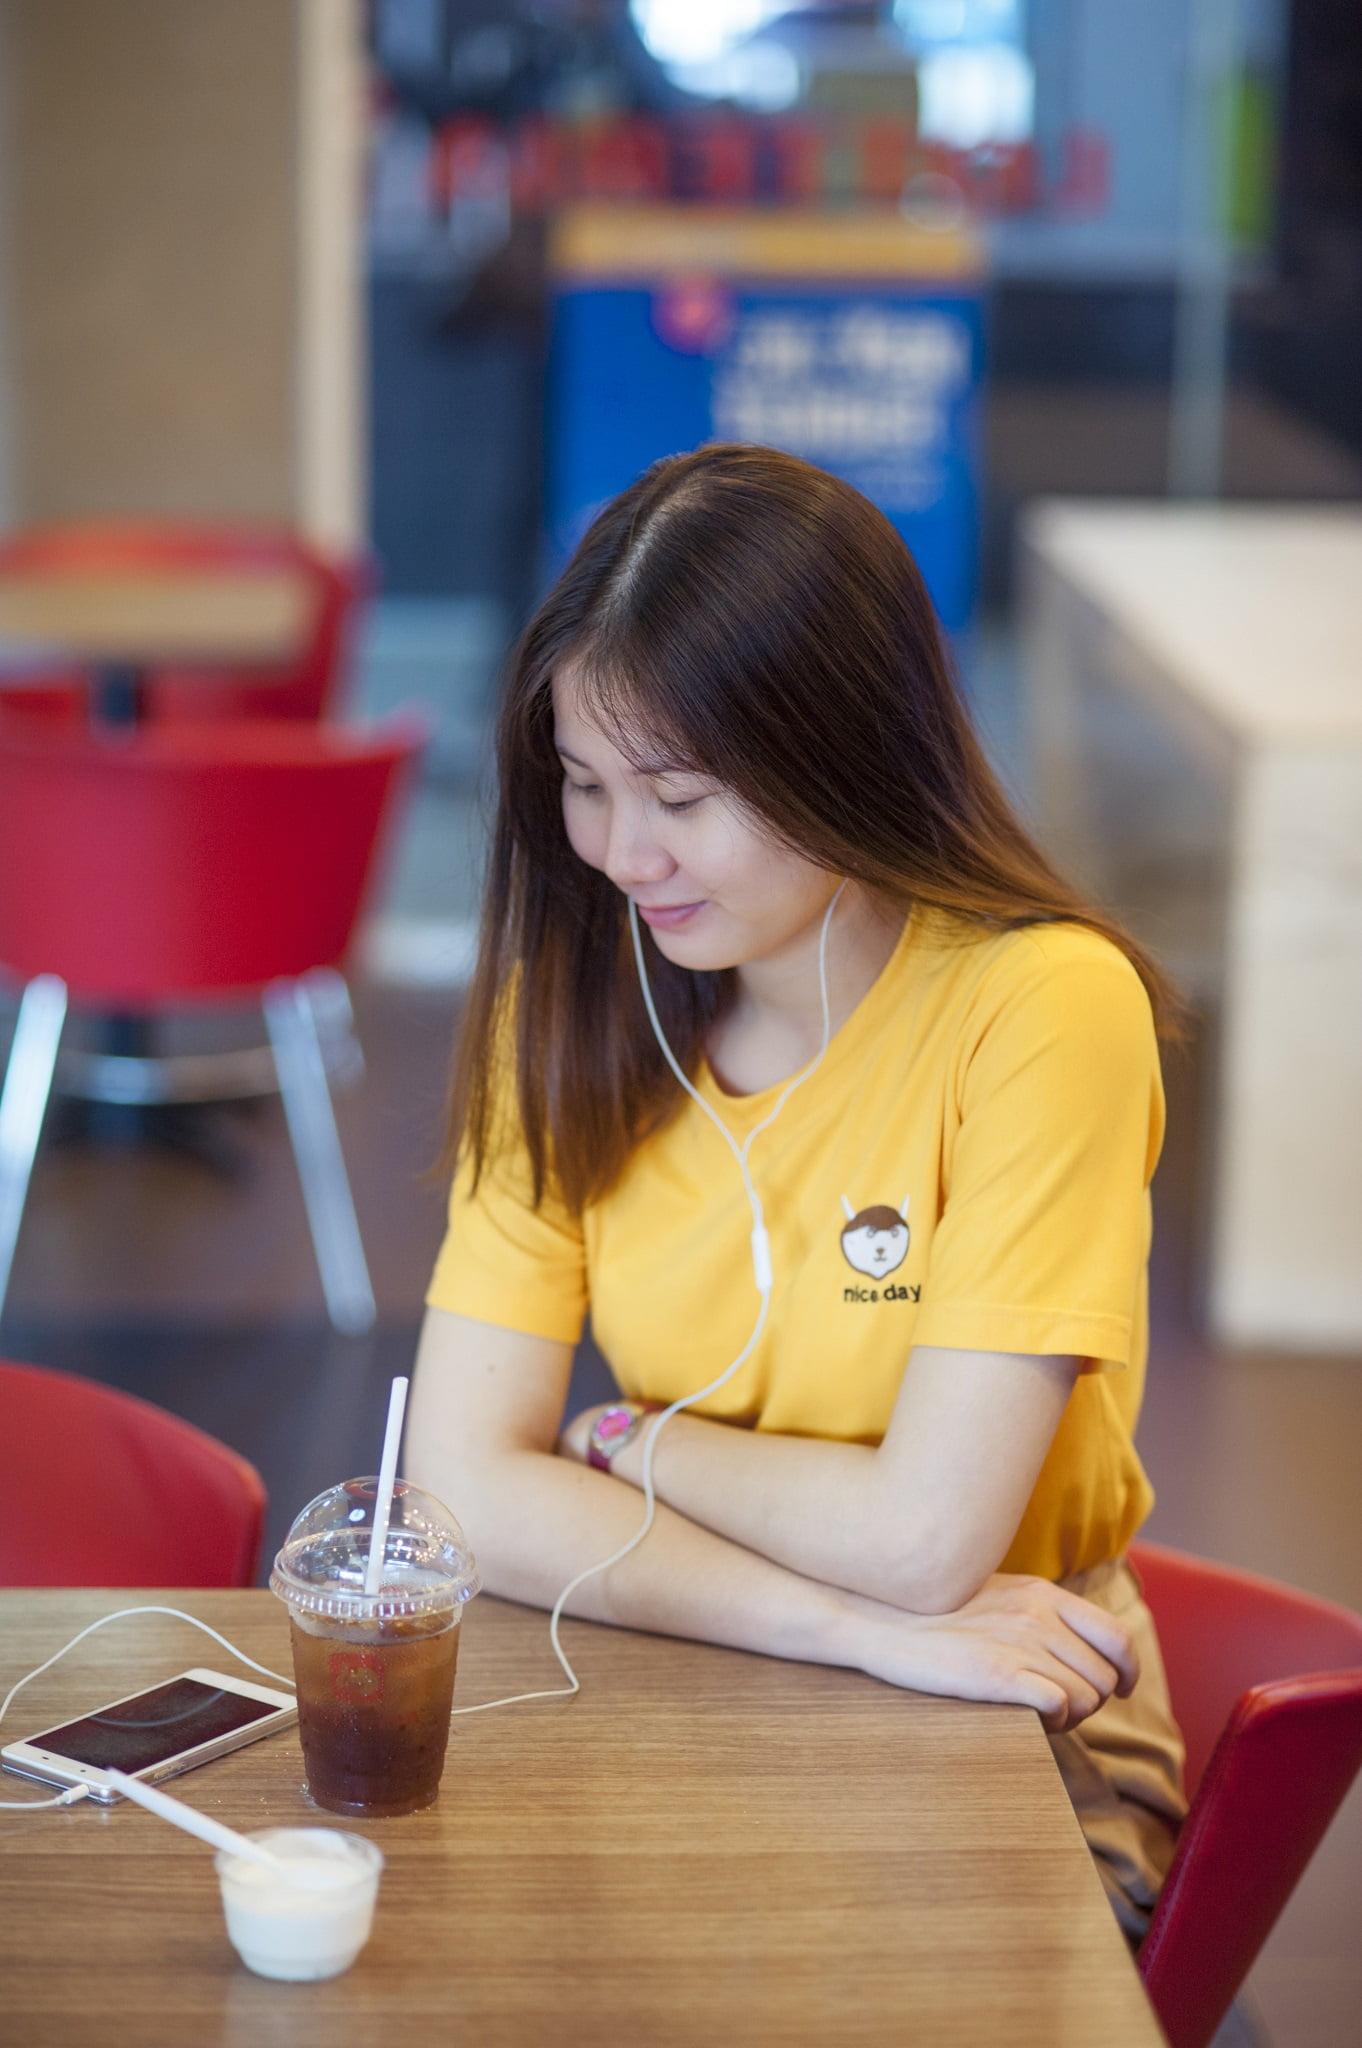 Vui 2 - Một góc quán quen, Cafe bến xe miền đông - Vui Đoàn